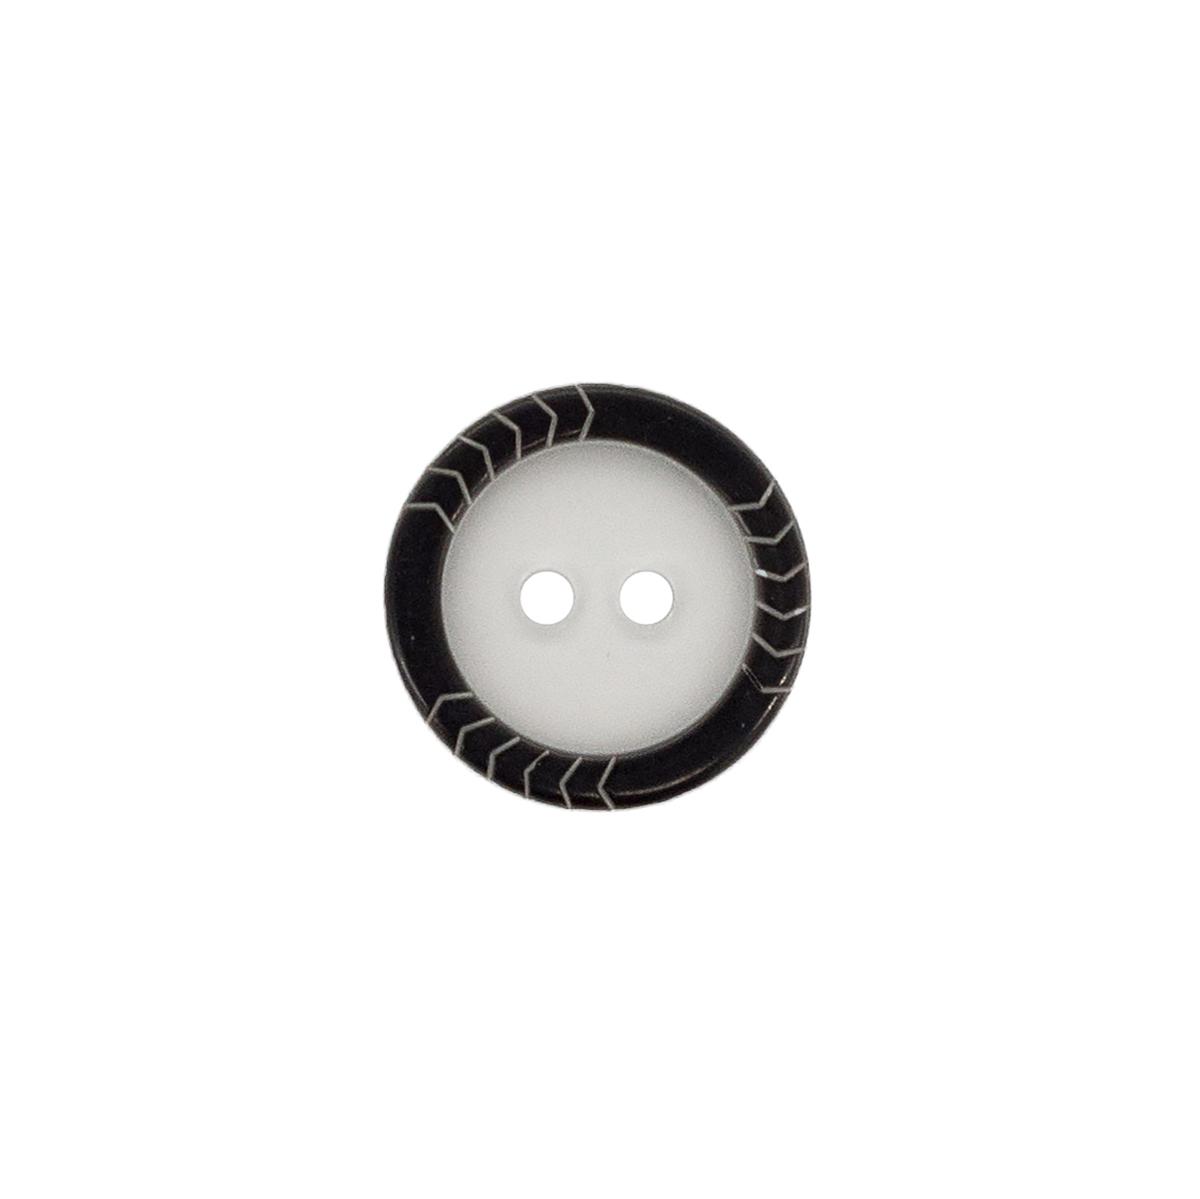 0312-0404А Пуговица 28L 24шт (C580 черный) фото